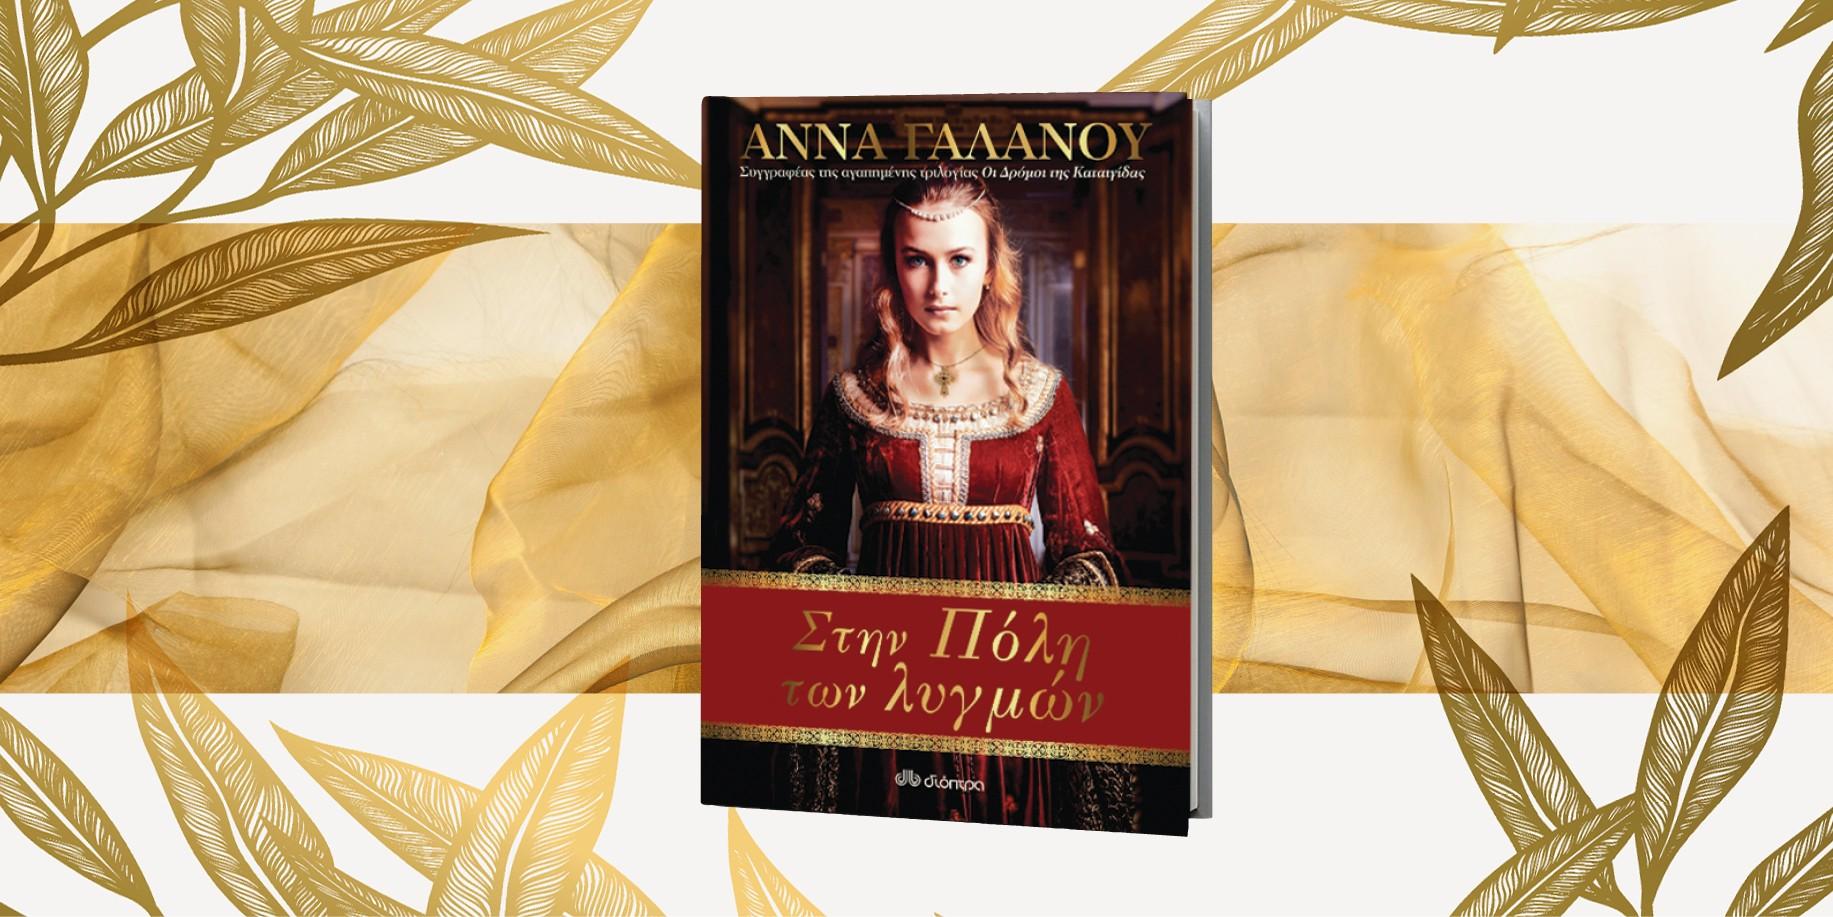 «Όταν η αγάπη ριζώσει, τίποτα δεν μπορεί να τη σβήσει»: Το νέο ιστορικό μυθιστόρημα της Άννας Γαλανού που πρέπει να διαβάσεις Πρέπει να ομολογήσουμε πως το νέο ιστορικό μυθιστόρημα της Άννας Γαλανού μάς συνεπήρε. Για αυτό και σου το προτείνουμε!